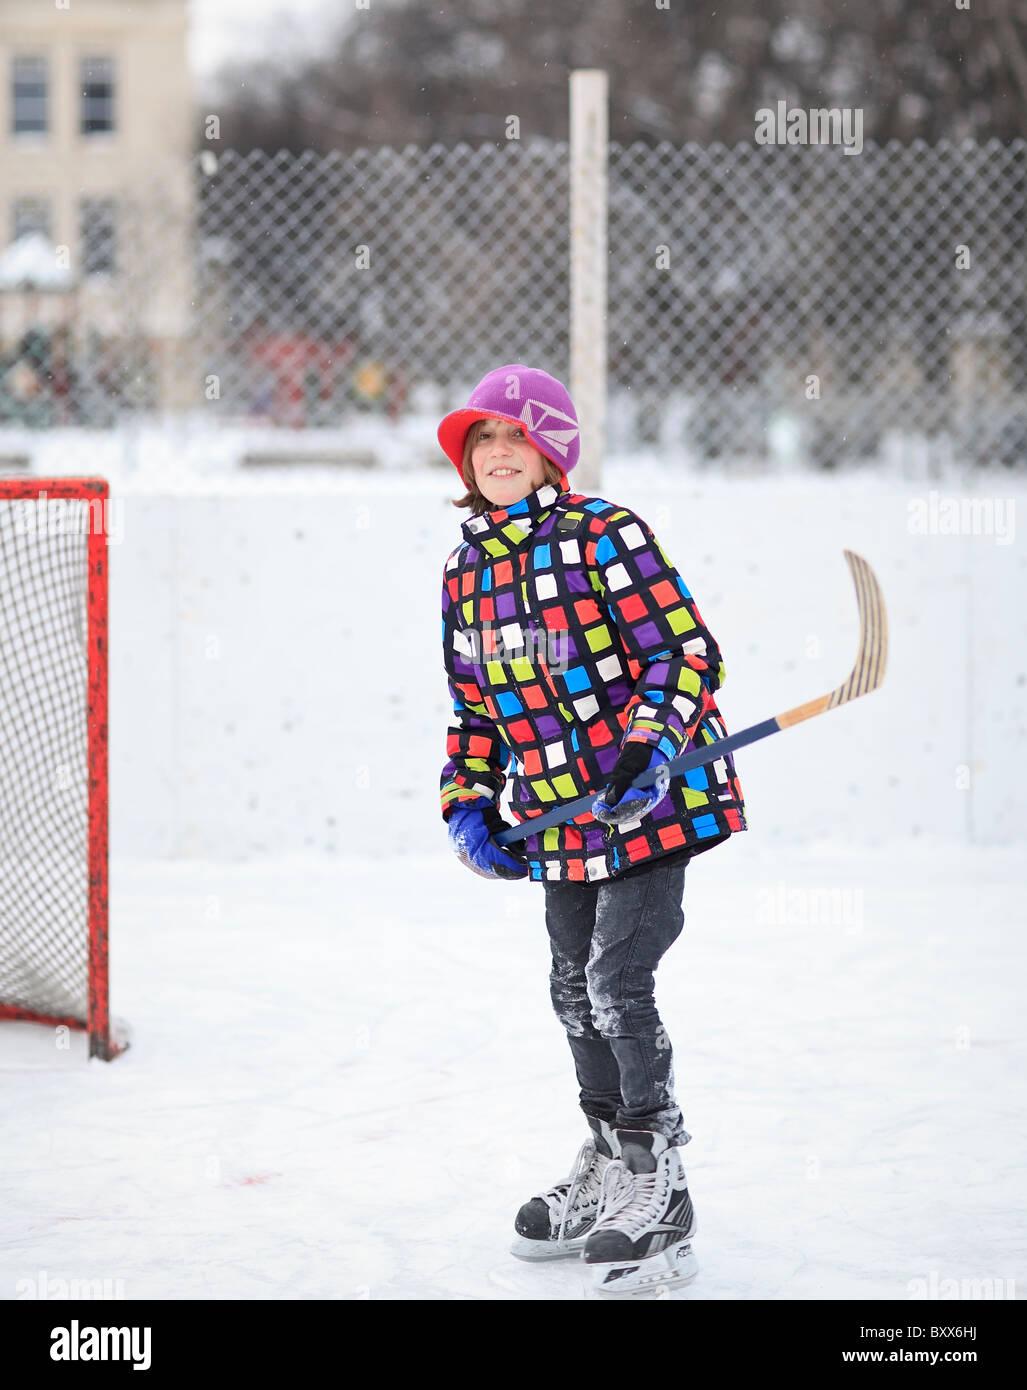 Jeune garçon de hockey sur glace sur une patinoire extérieure. Winnipeg, Manitoba, Canada. Photo Stock